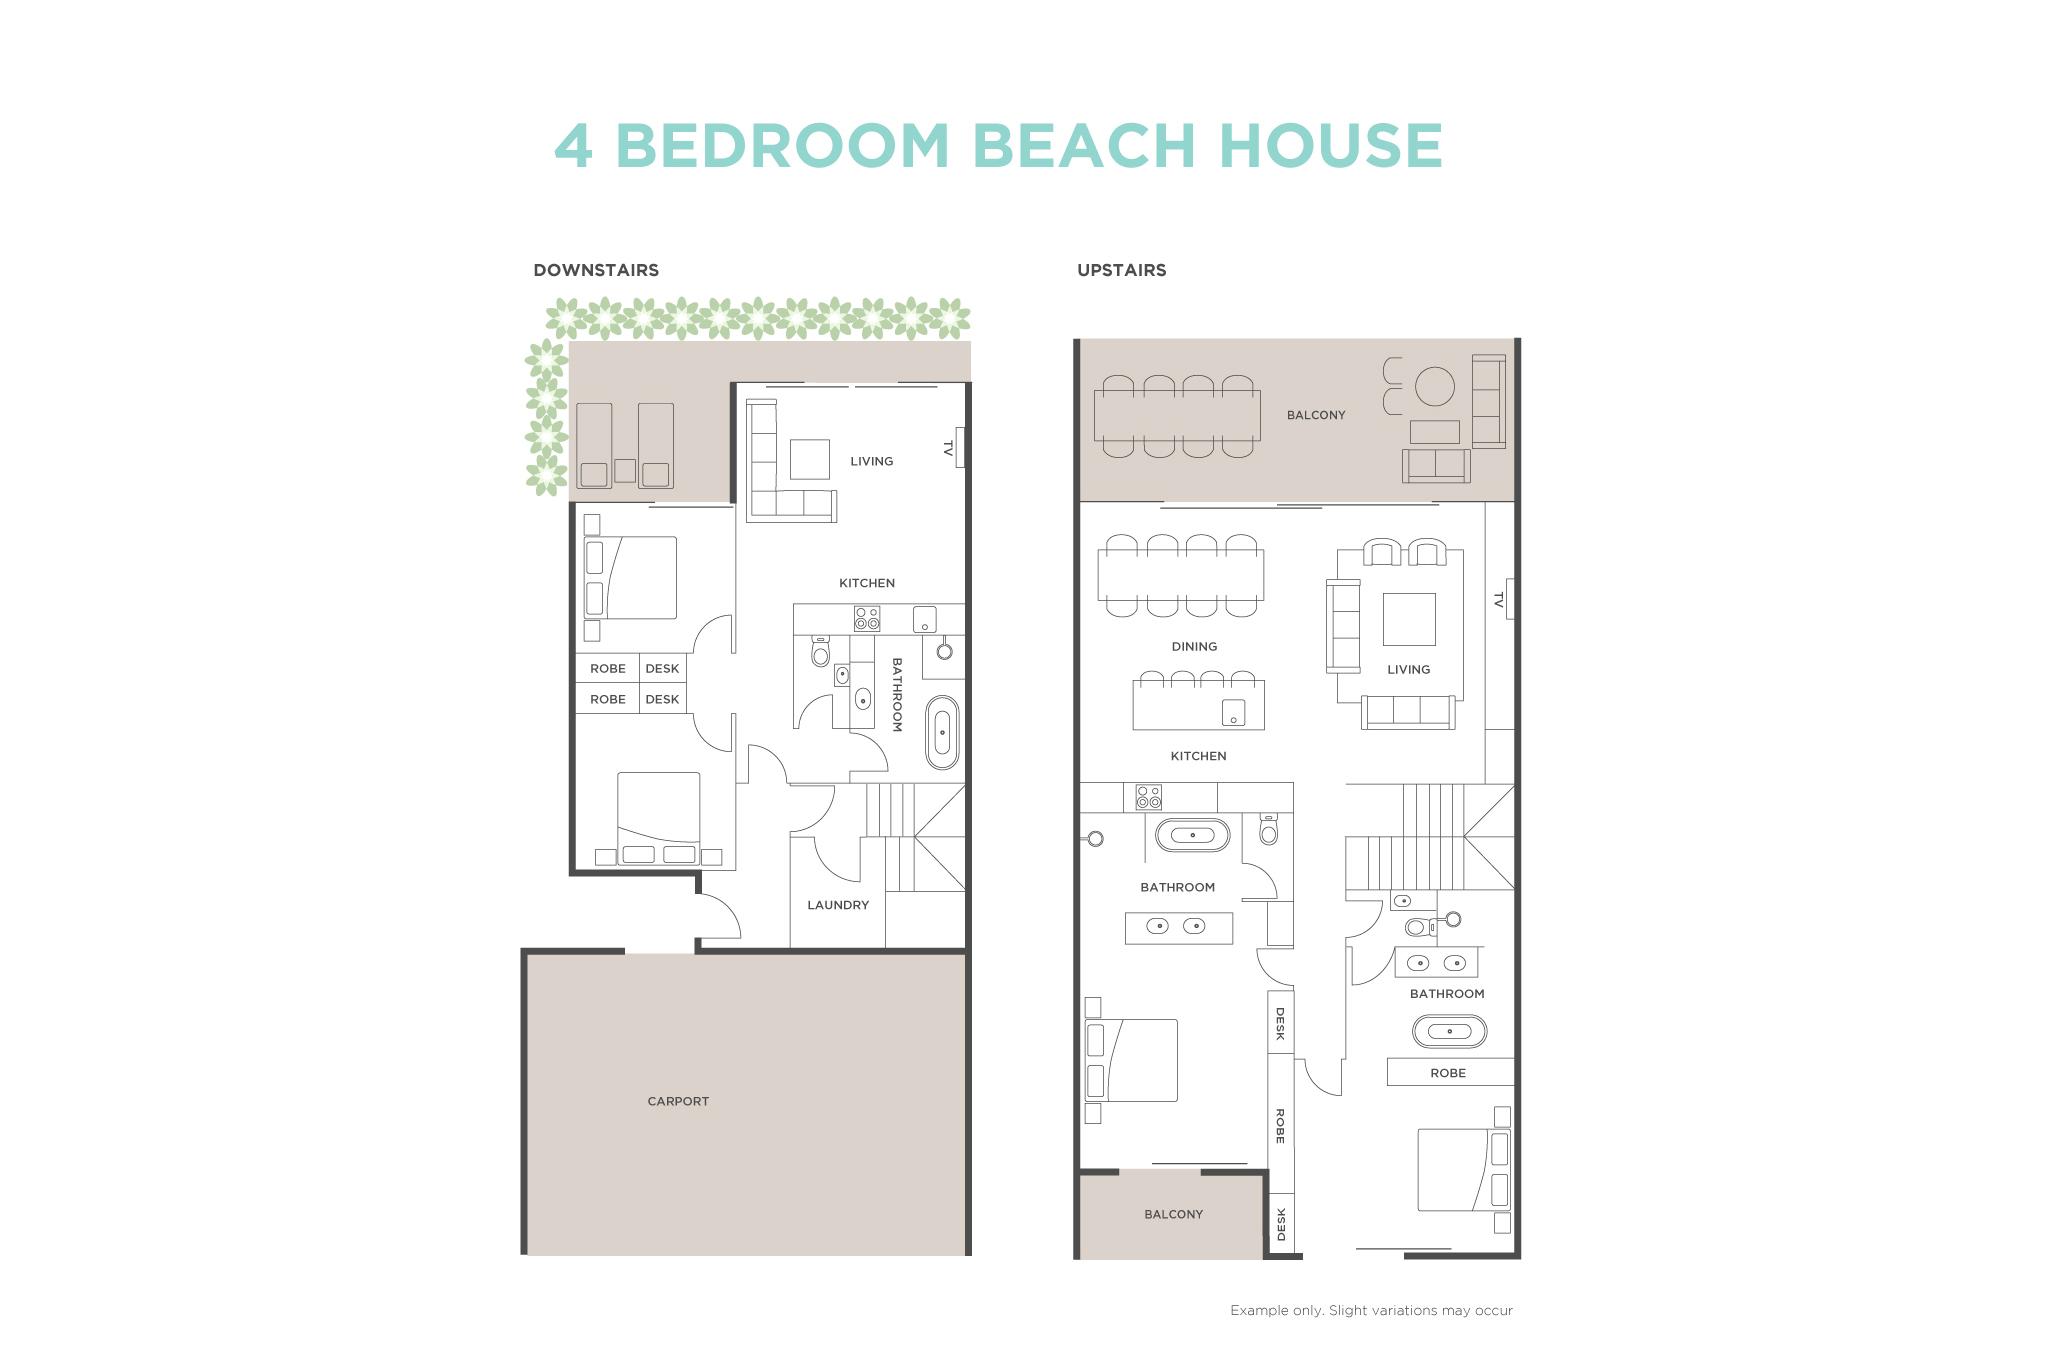 4 Bedroom Beach House floor plan